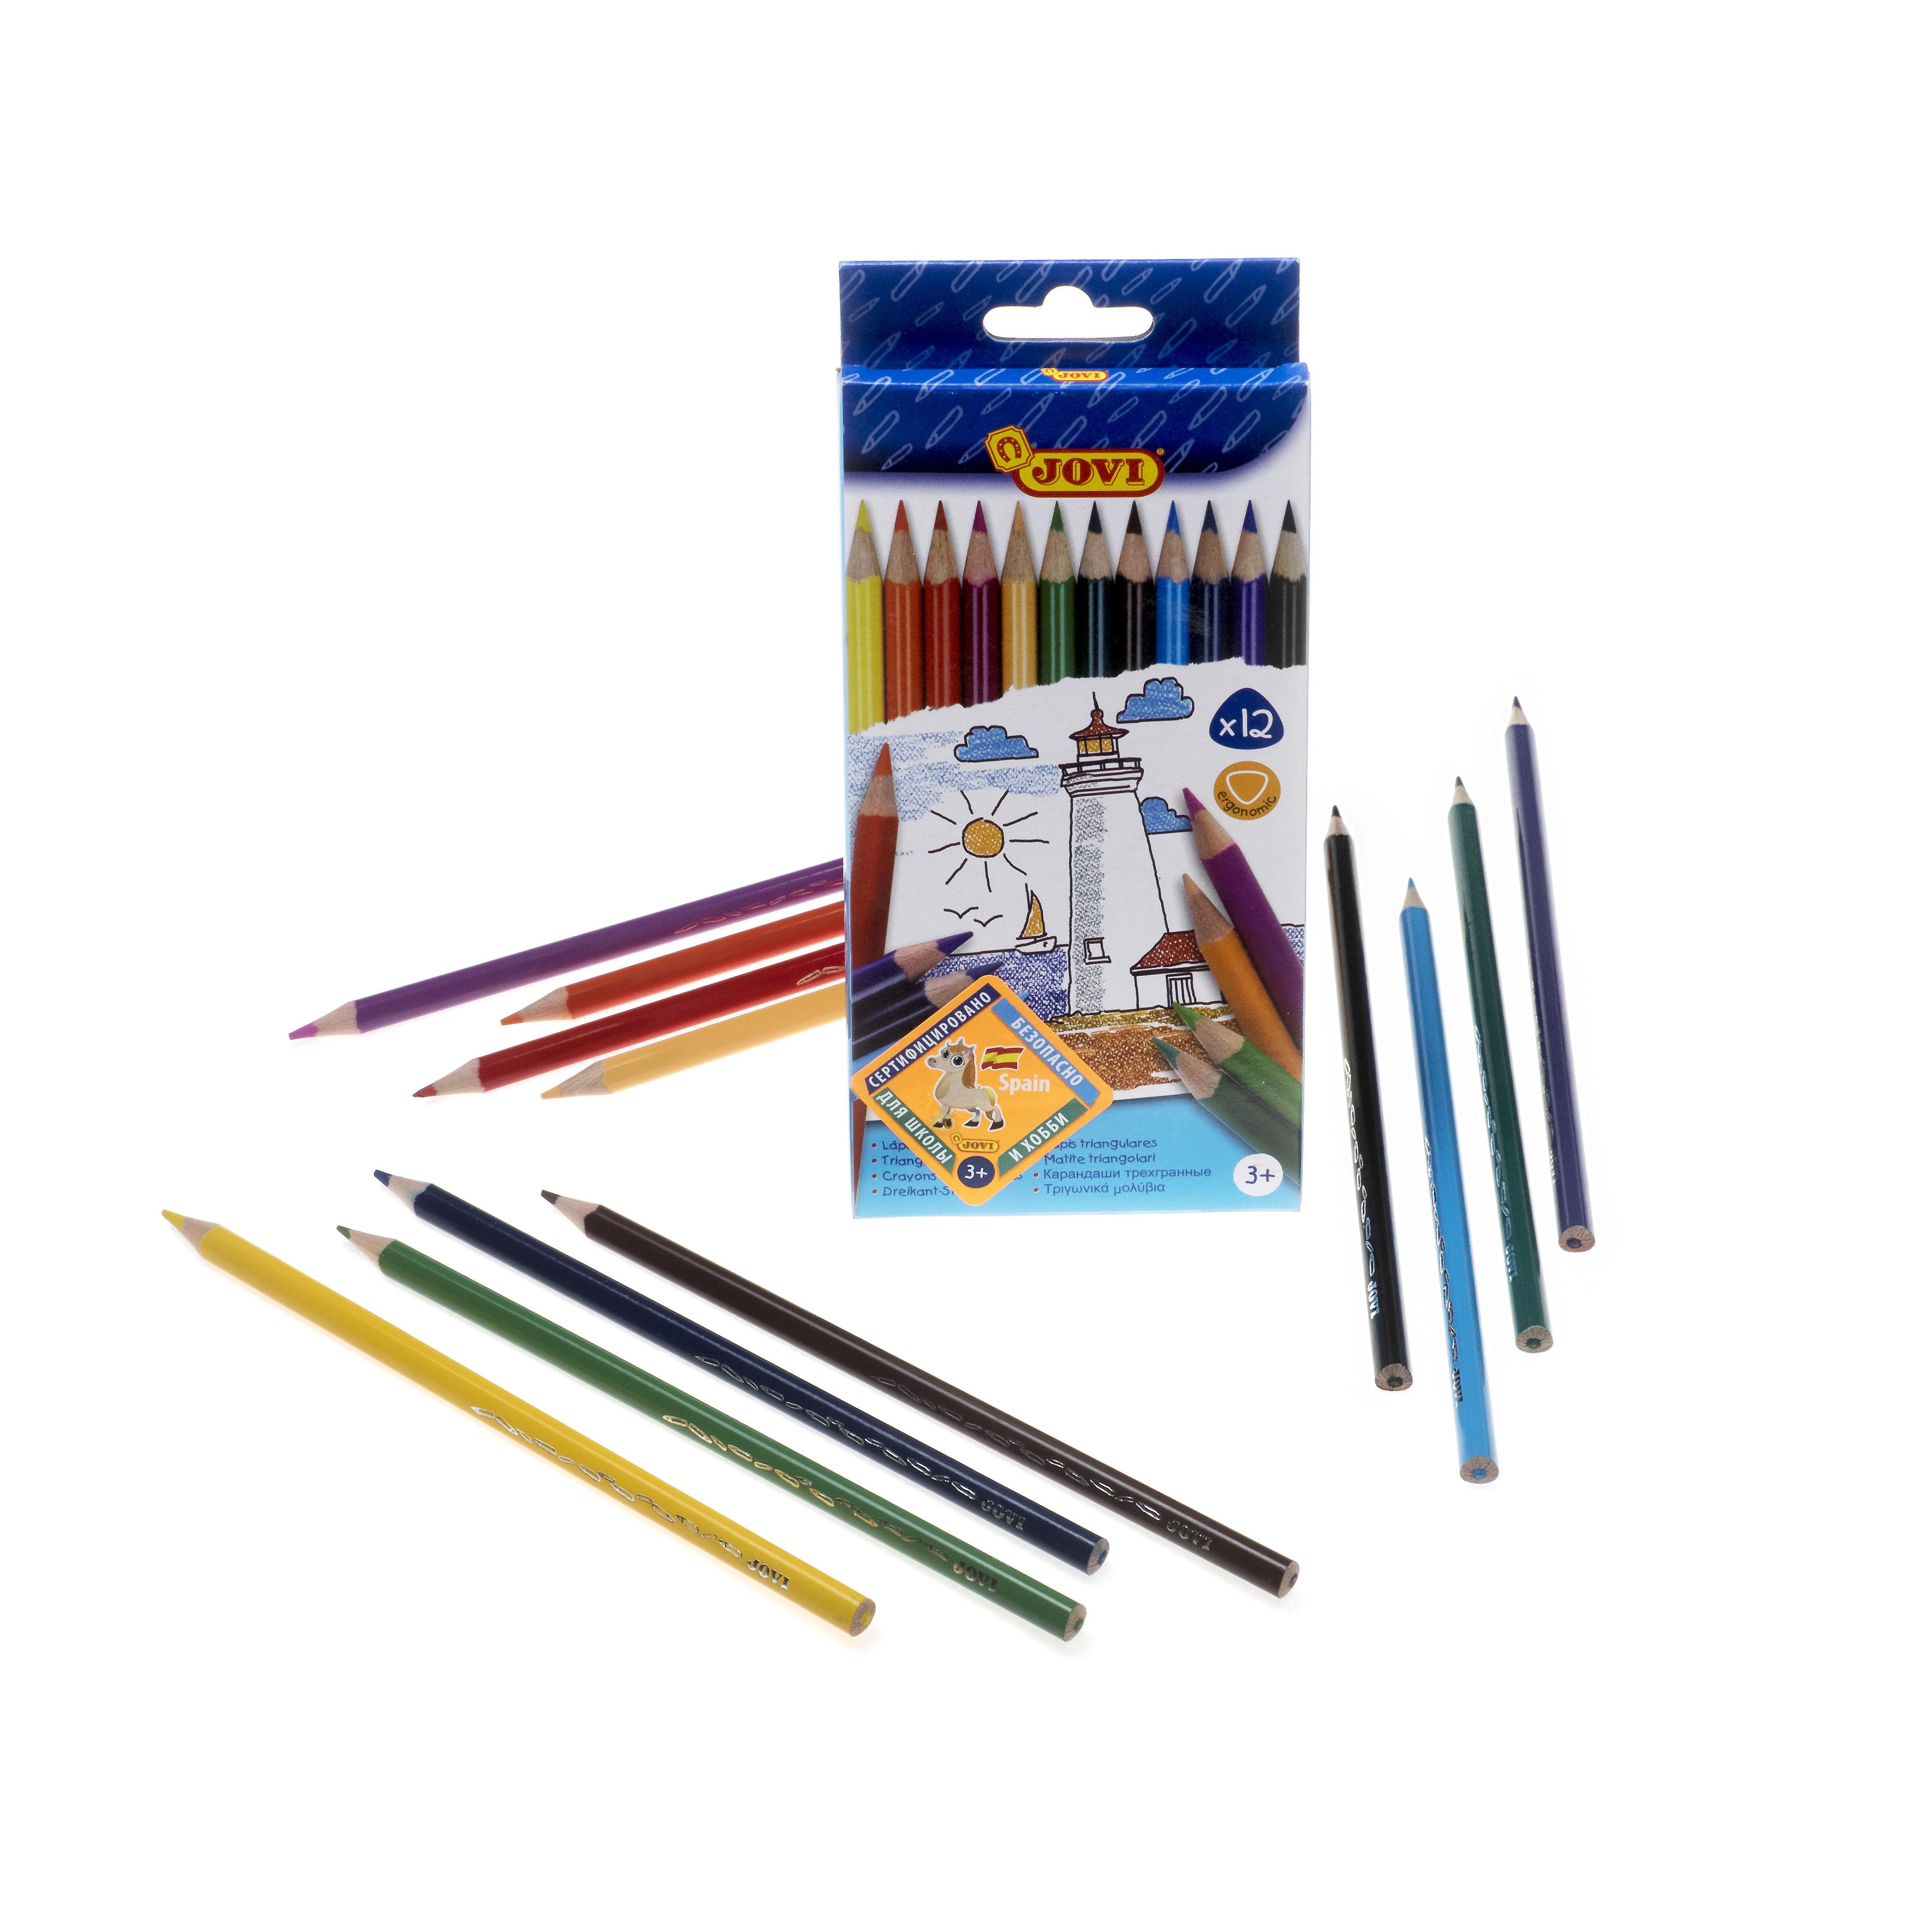 Ручки и карандаши Jovi Карандаши цветные JOVI 12 цв. стоимость